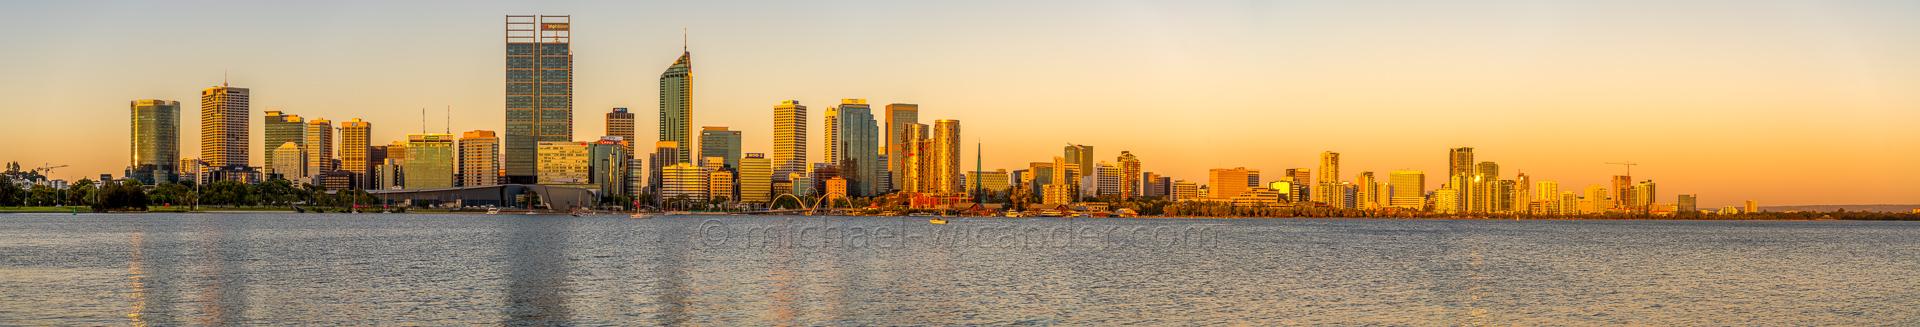 Perth Skyline Panorama 19 09